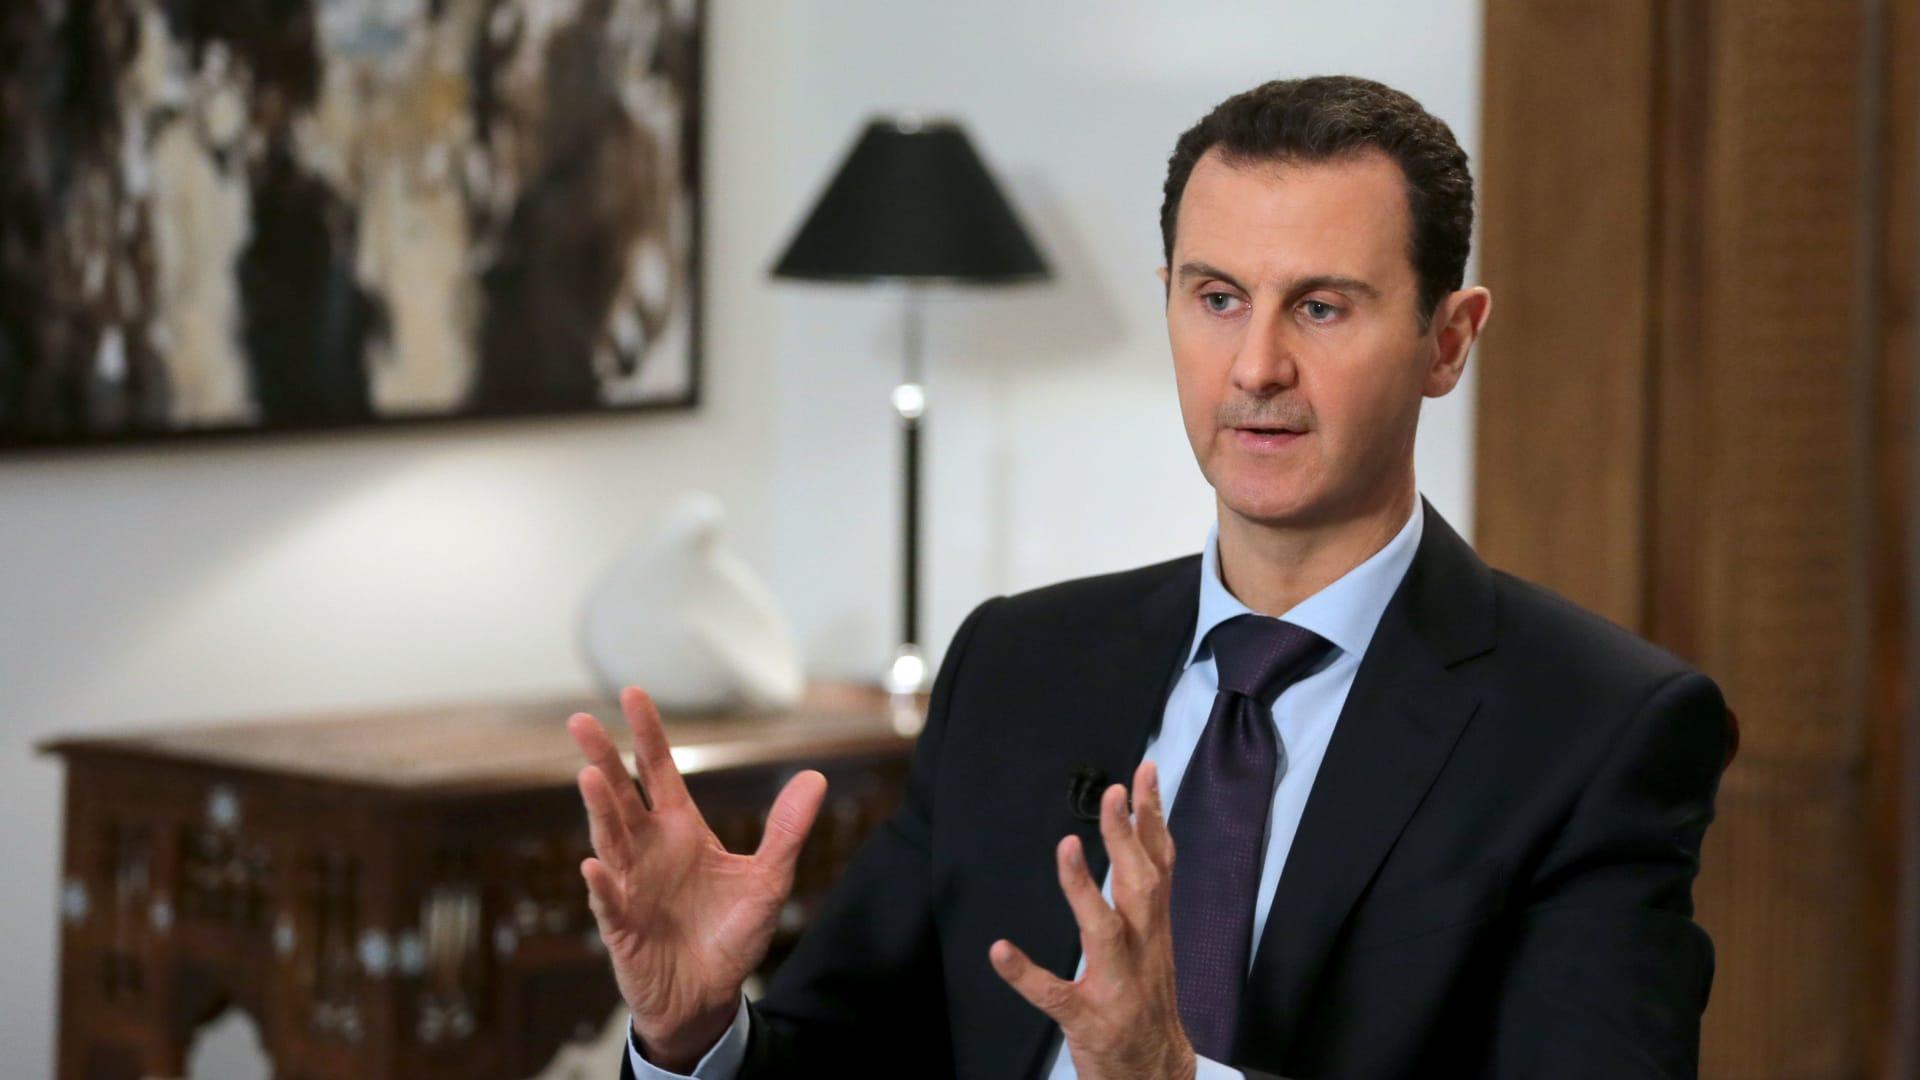 """الأسد يؤدي القسم الدستوري رئيسا لسوريا ويدعو من """"غُرر بهم"""" للعودة إلى """"حضن الوطن"""""""